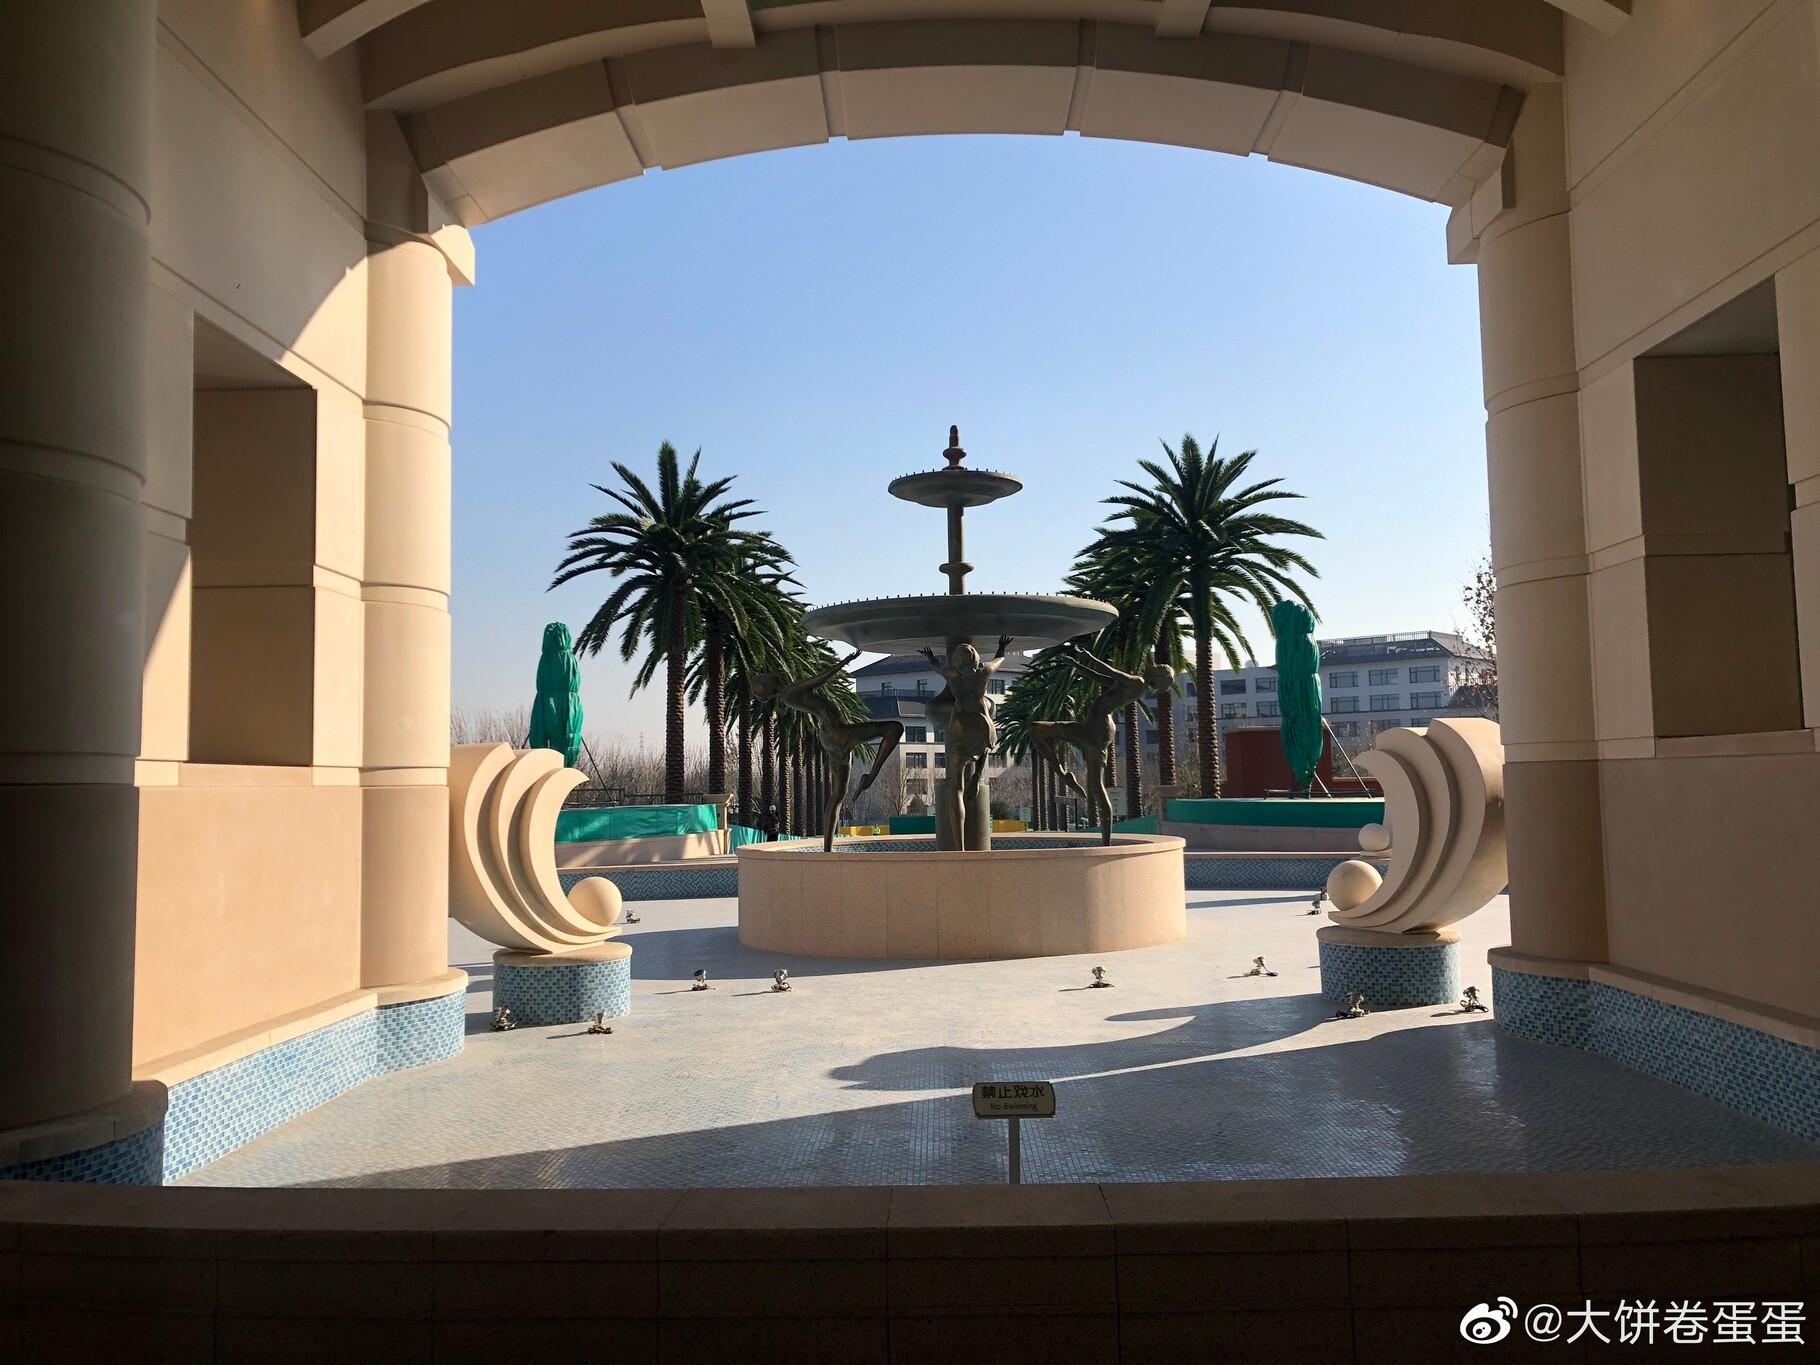 universal-studios-beijing-57716900.jpg